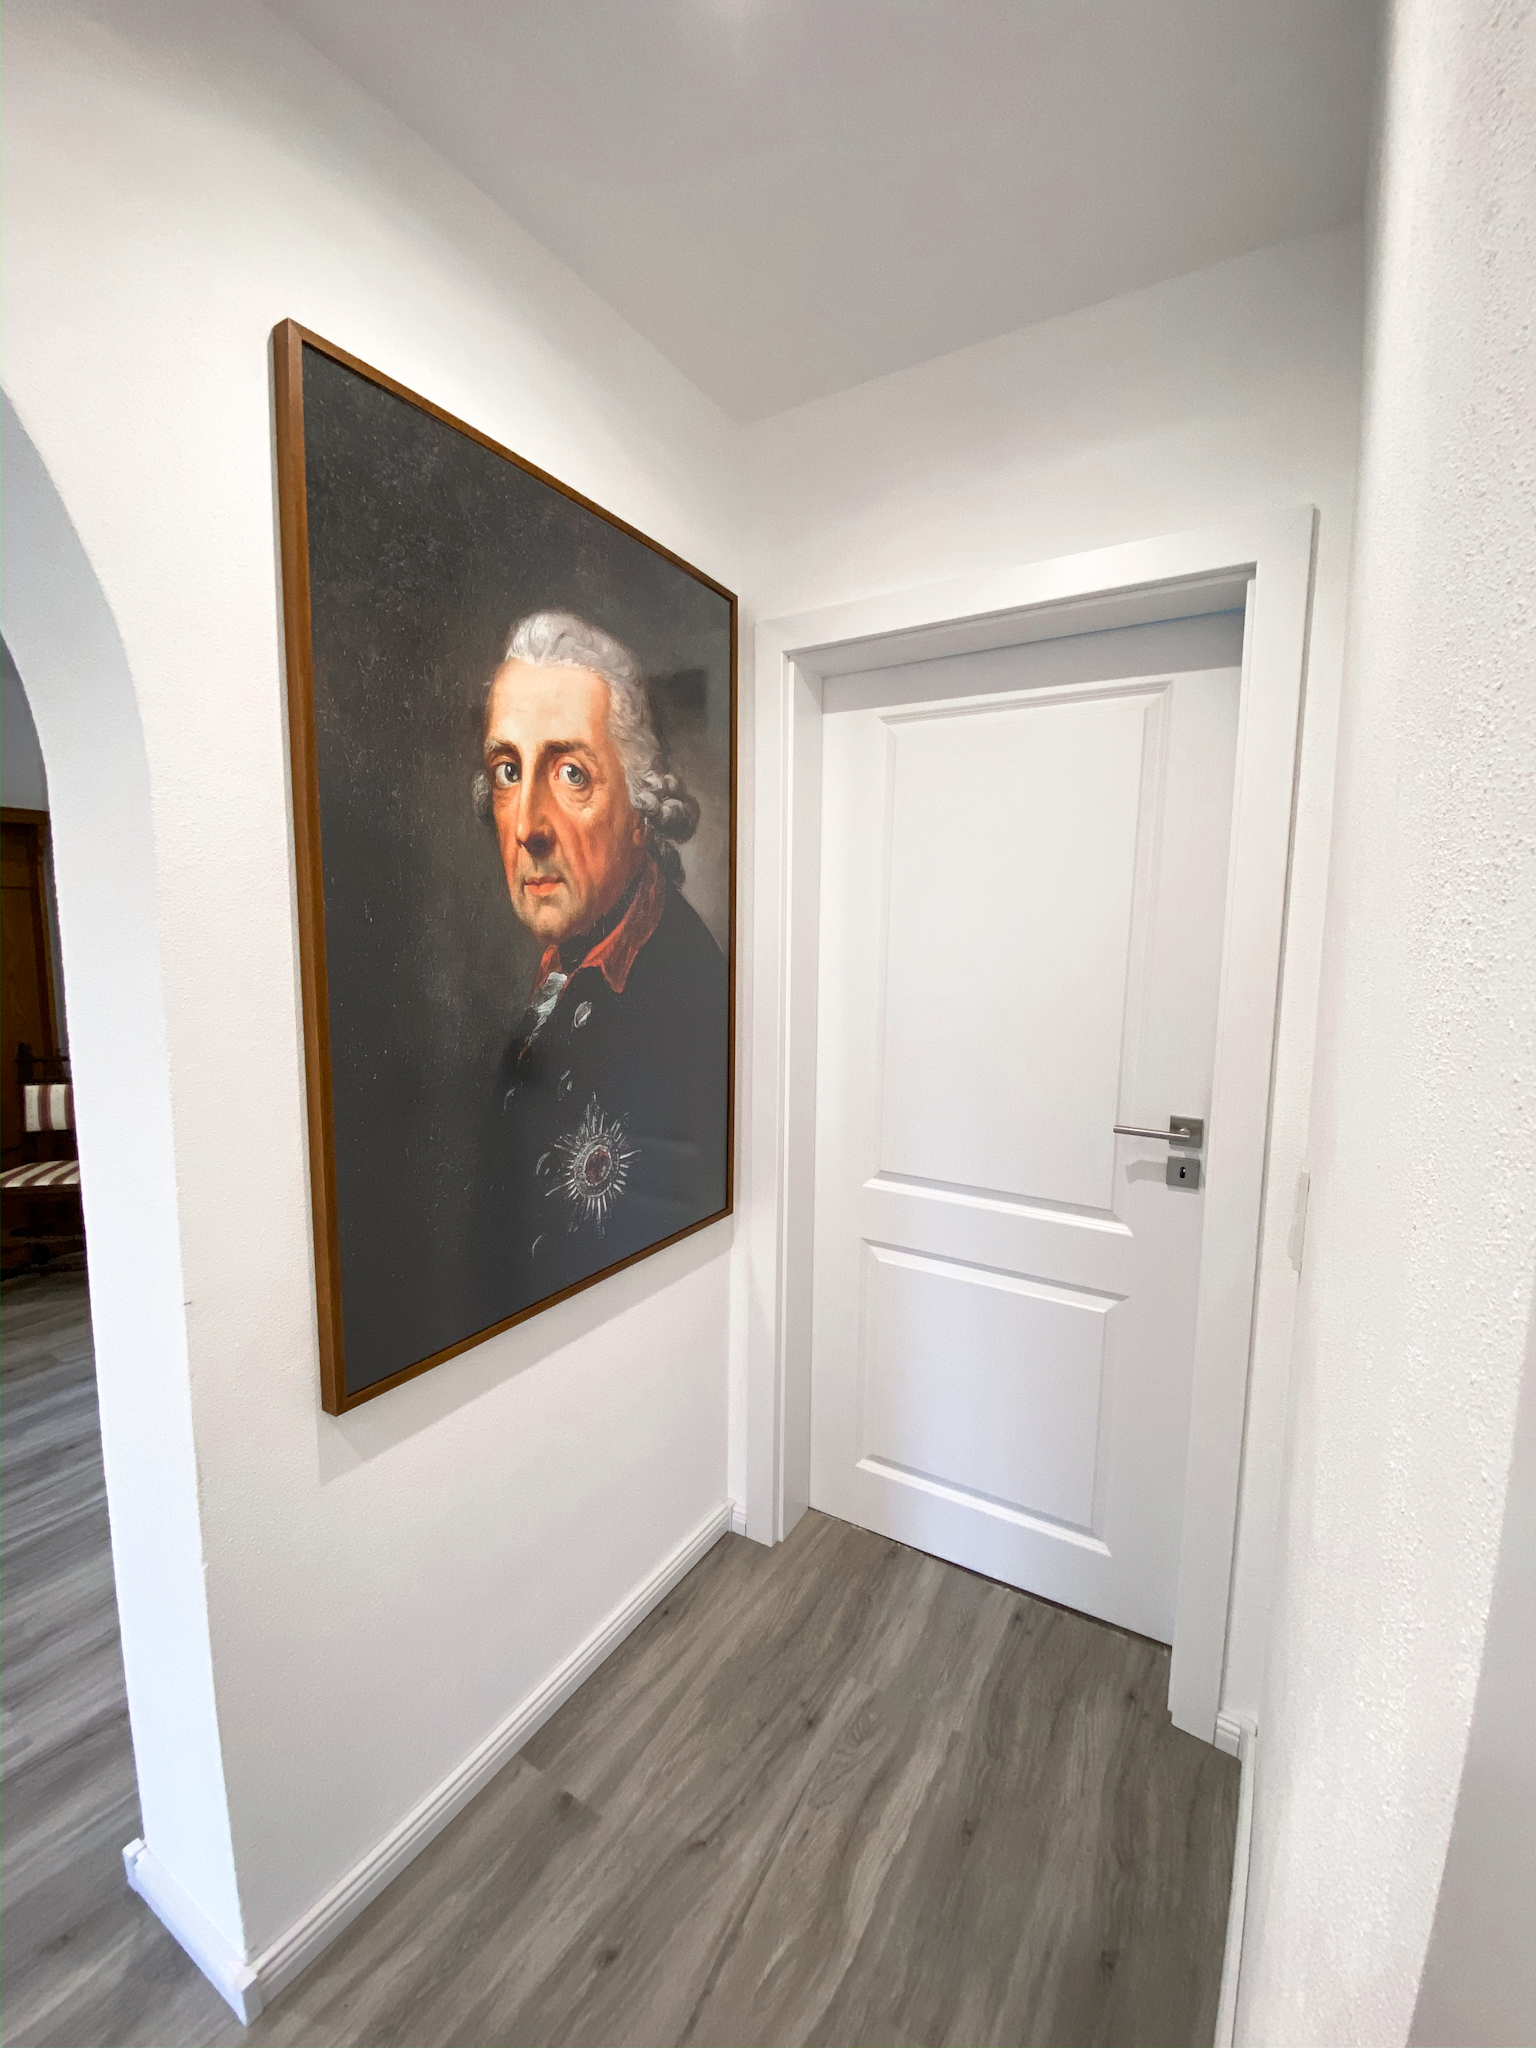 König Friedrich II. Poster Friedrich der Große Leinwand Posterlounge Wandbild König von Preußen der alte Fritz vorher nachher vergleich Hausbau sanierung